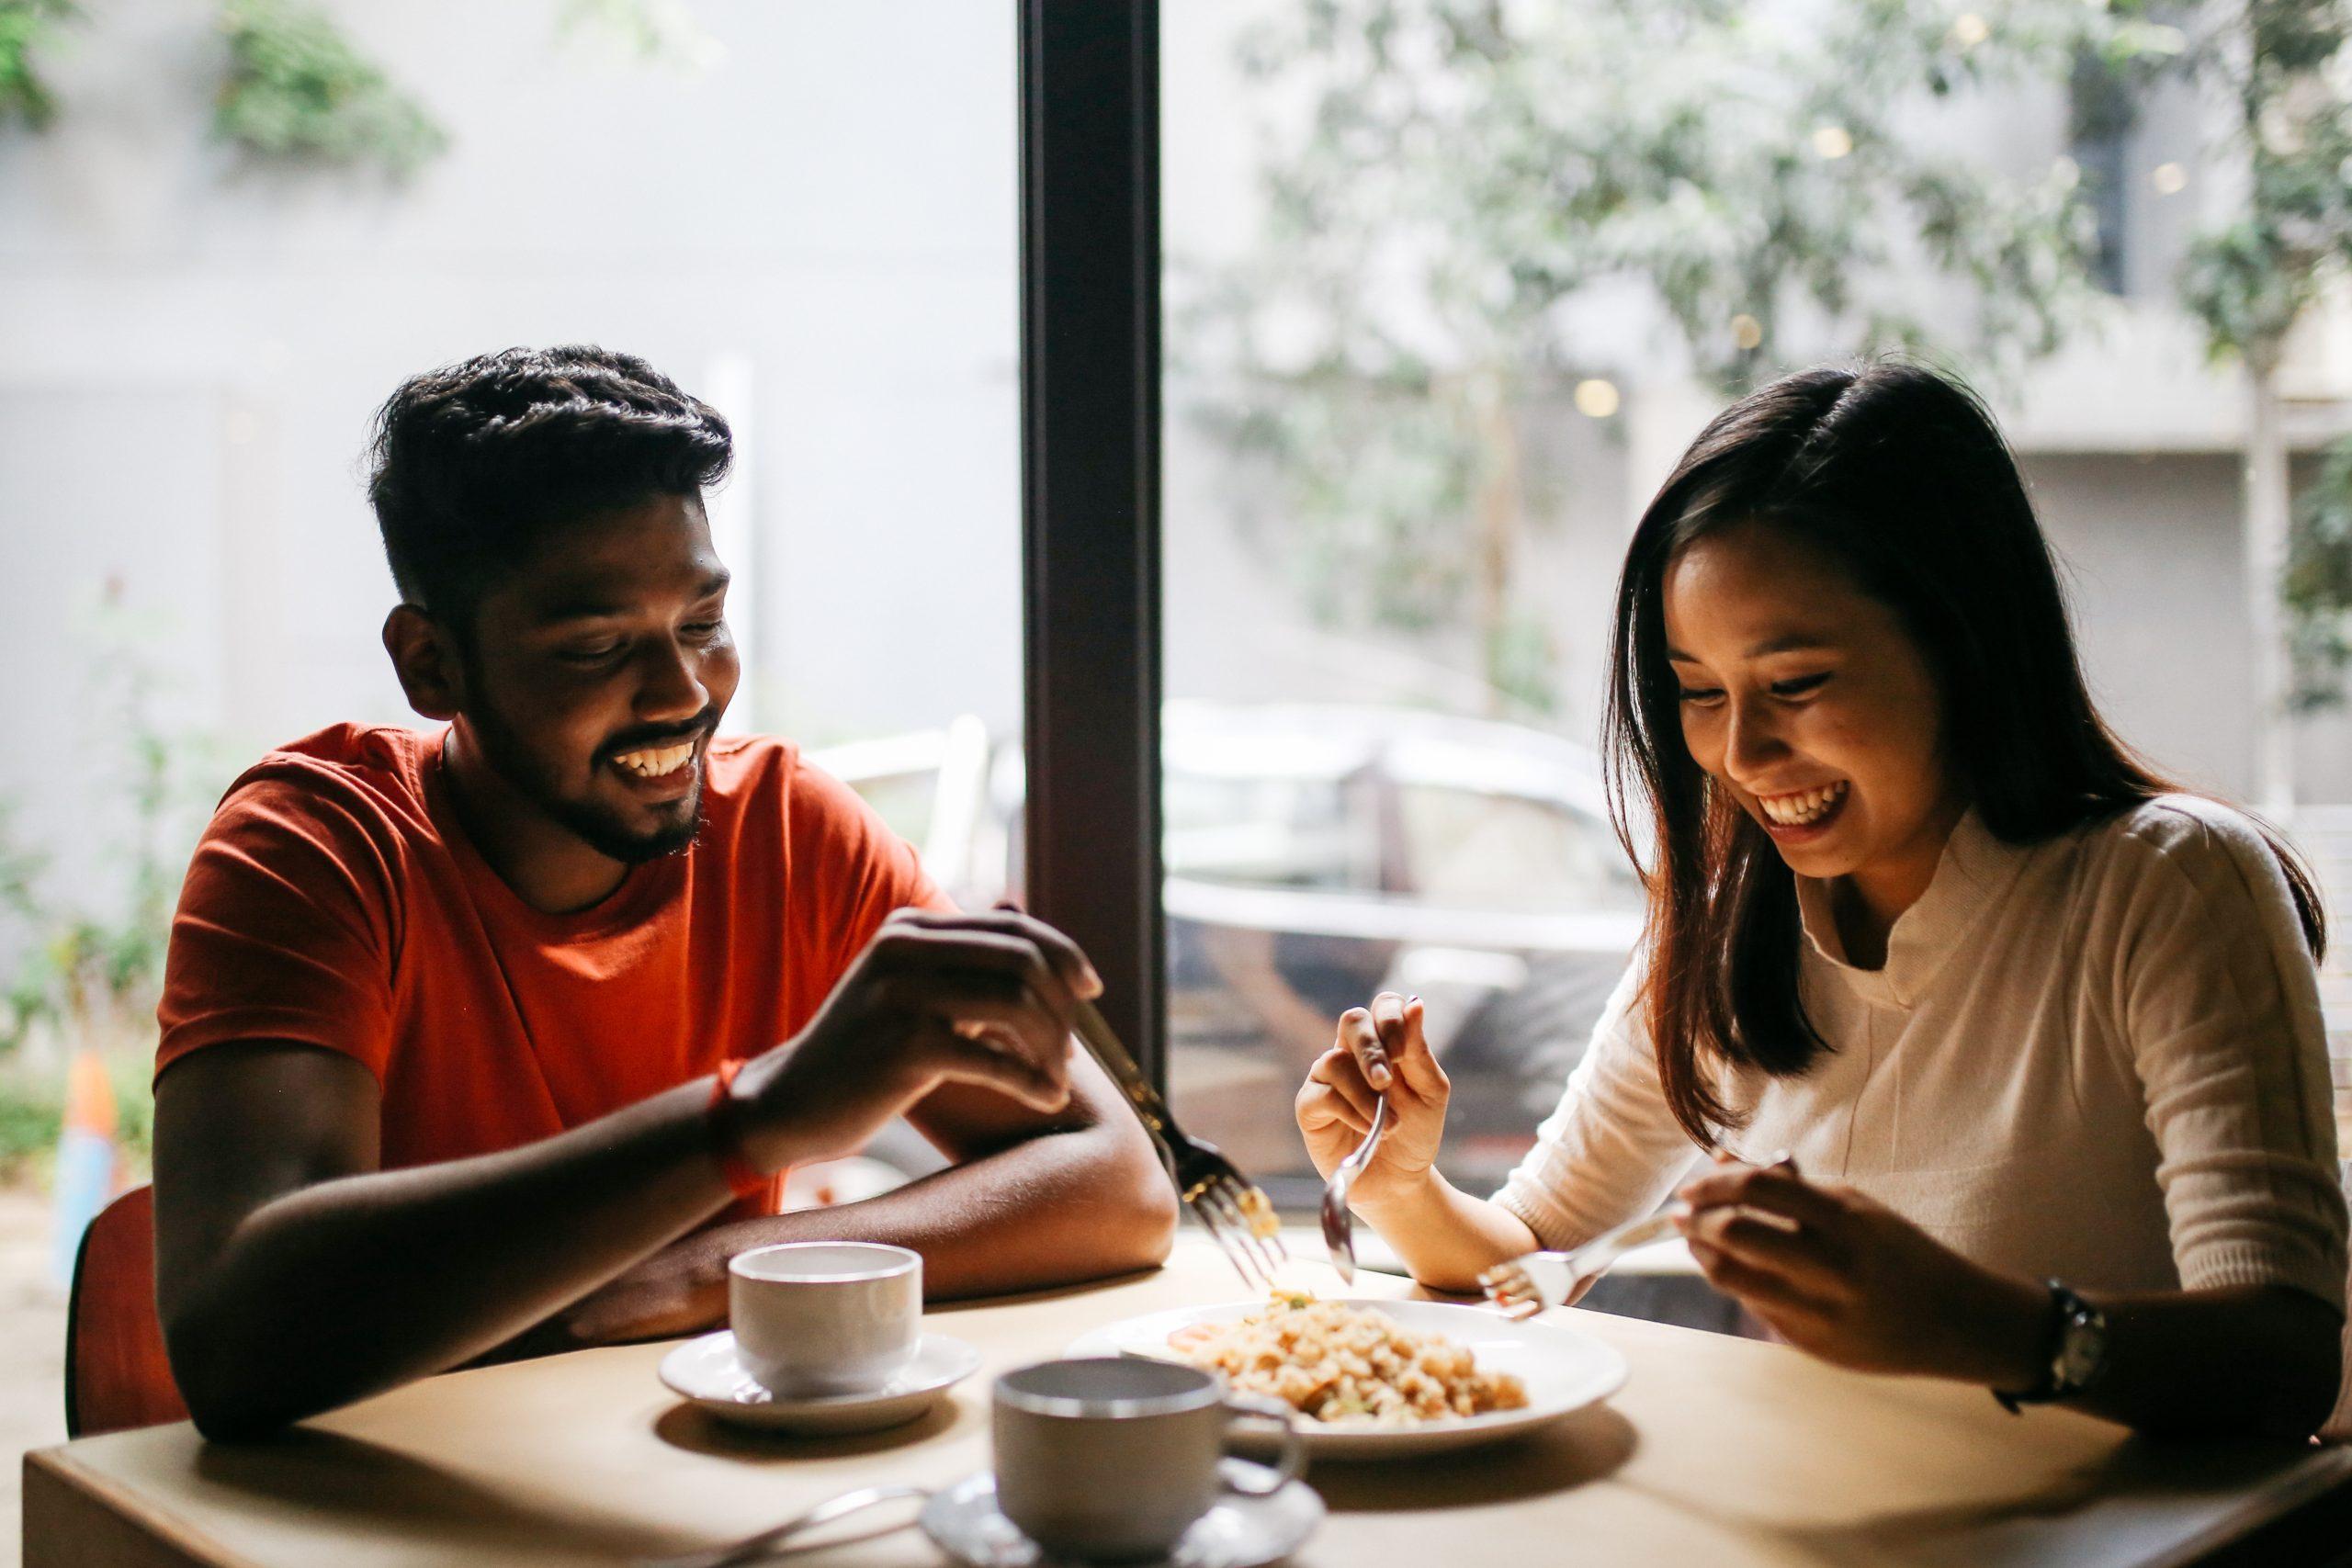 couple romantic restaurant dinner date